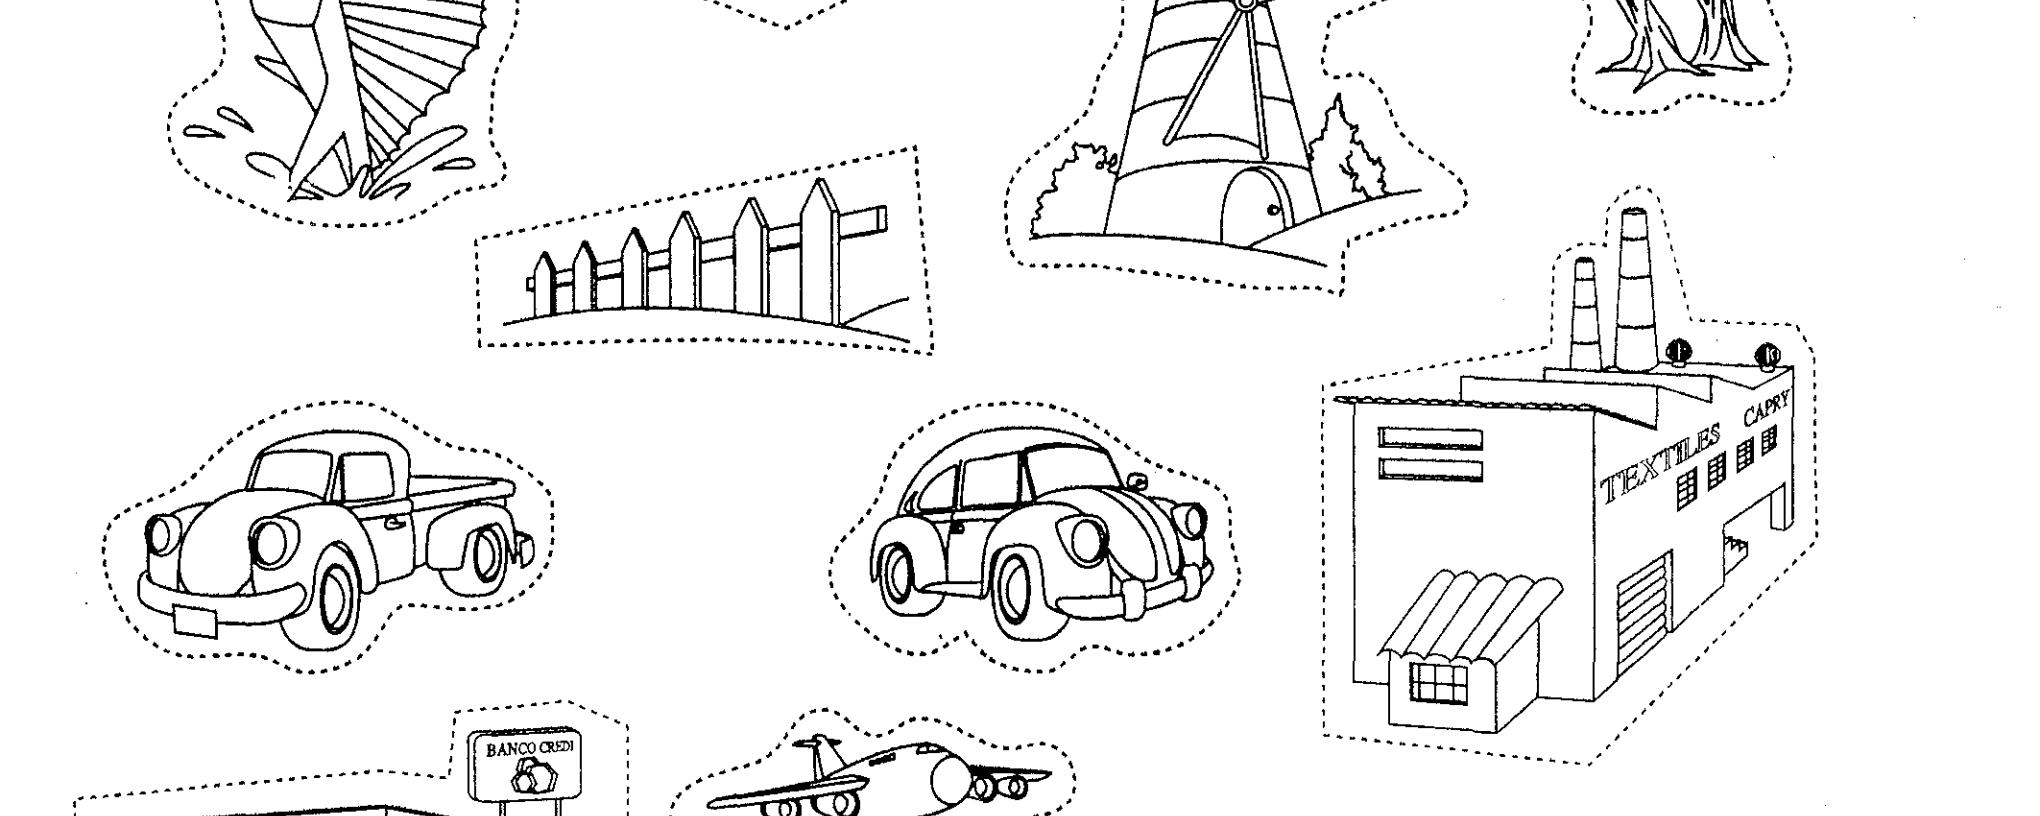 Comunidad Dibujo Para Colorear: Imagenes De Comunidad Urbana Y Rural Para Colorear Imagui